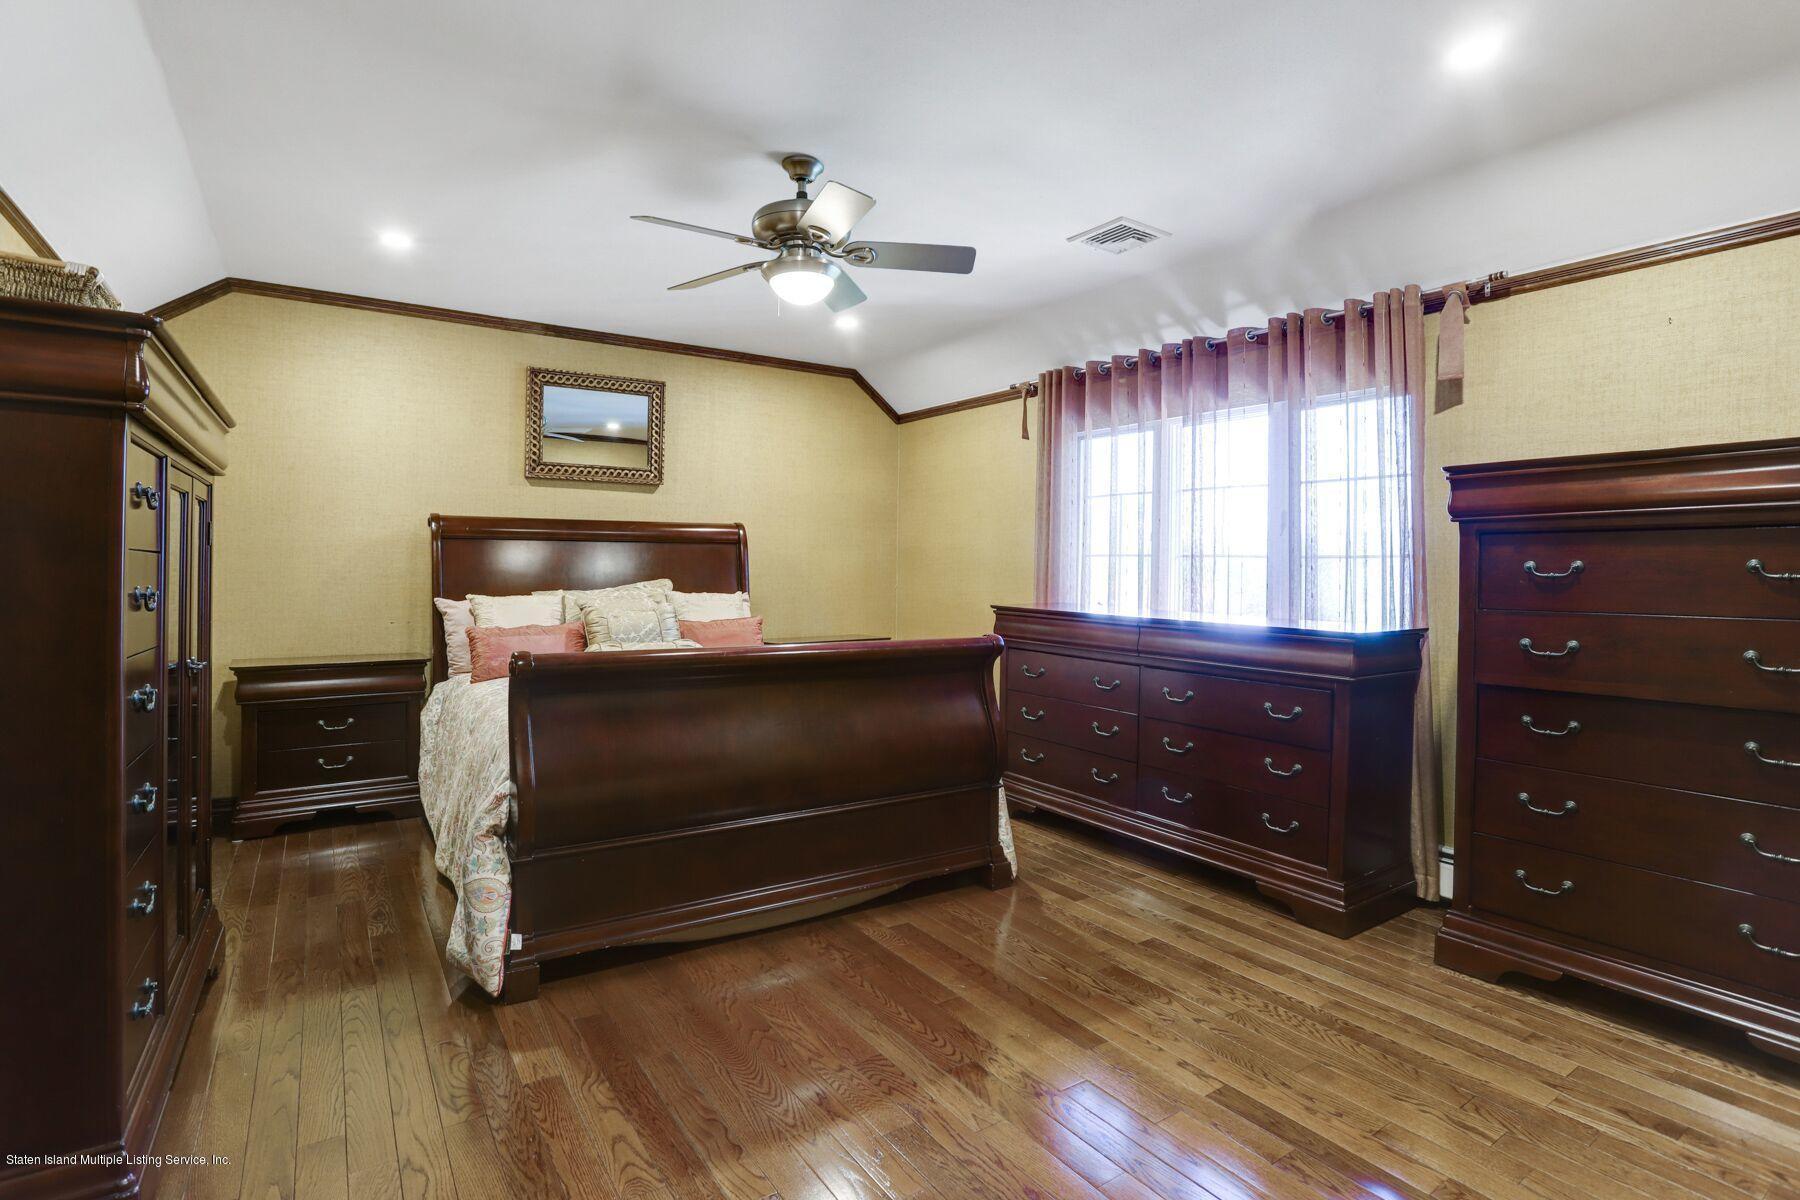 Single Family - Detached 44 Edith Avenue  Staten Island, NY 10312, MLS-1128822-13